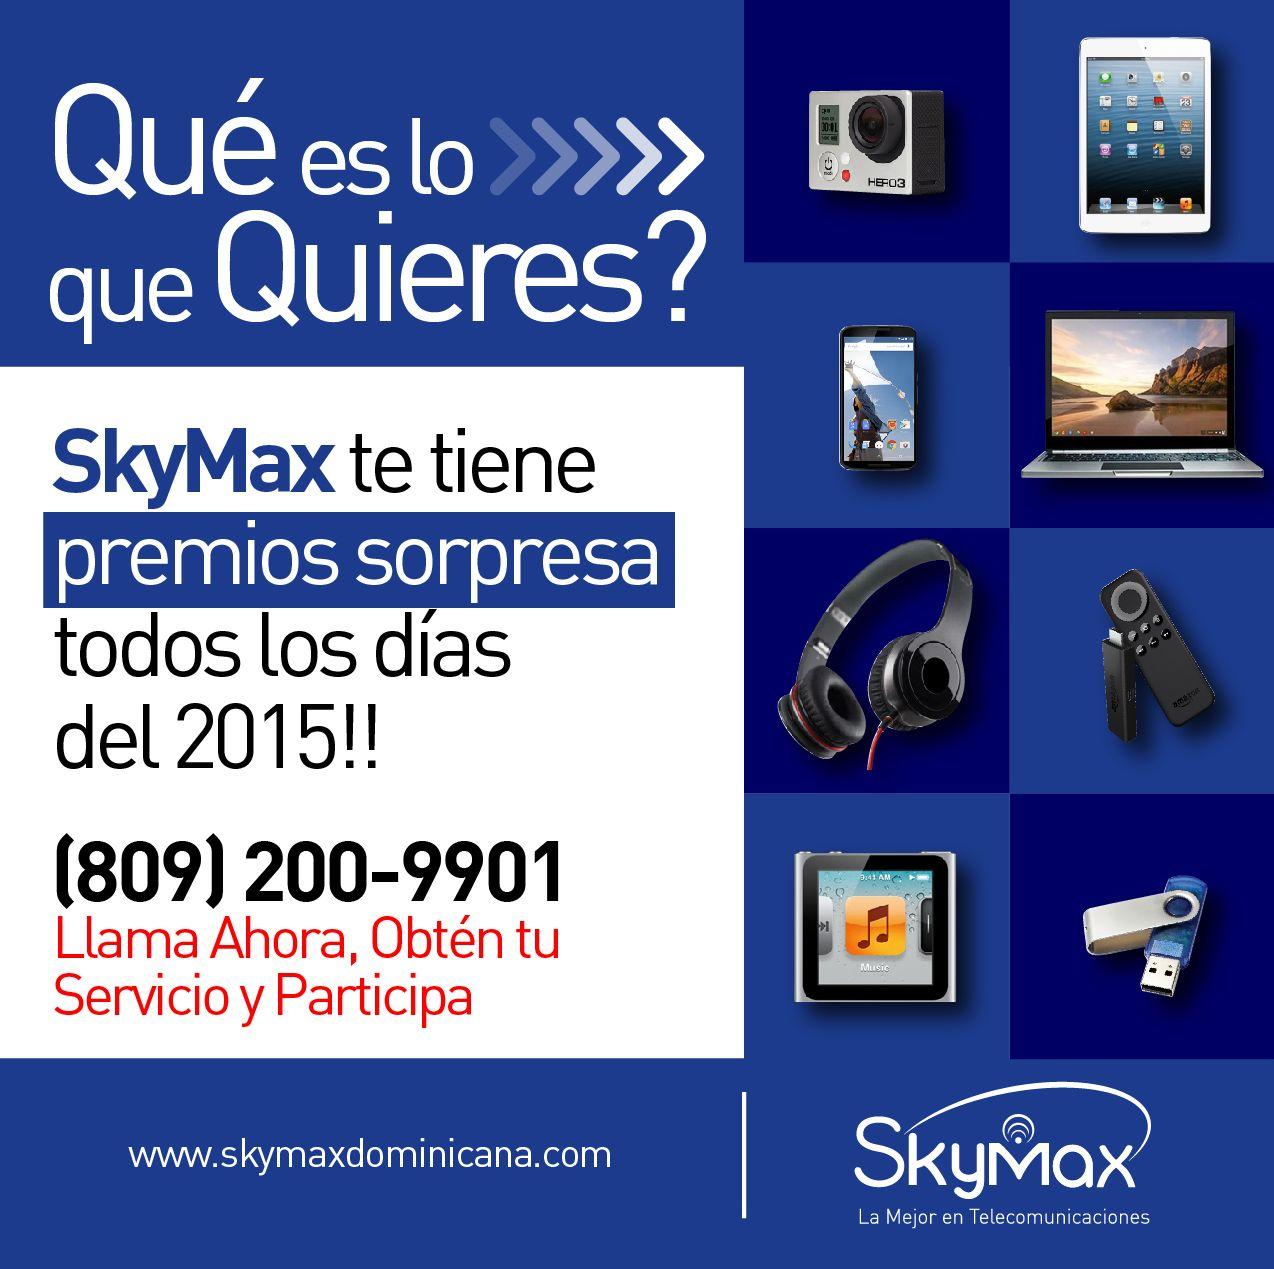 Cual es el Premio de Tu Preferencia??, SkyMax Tiene para